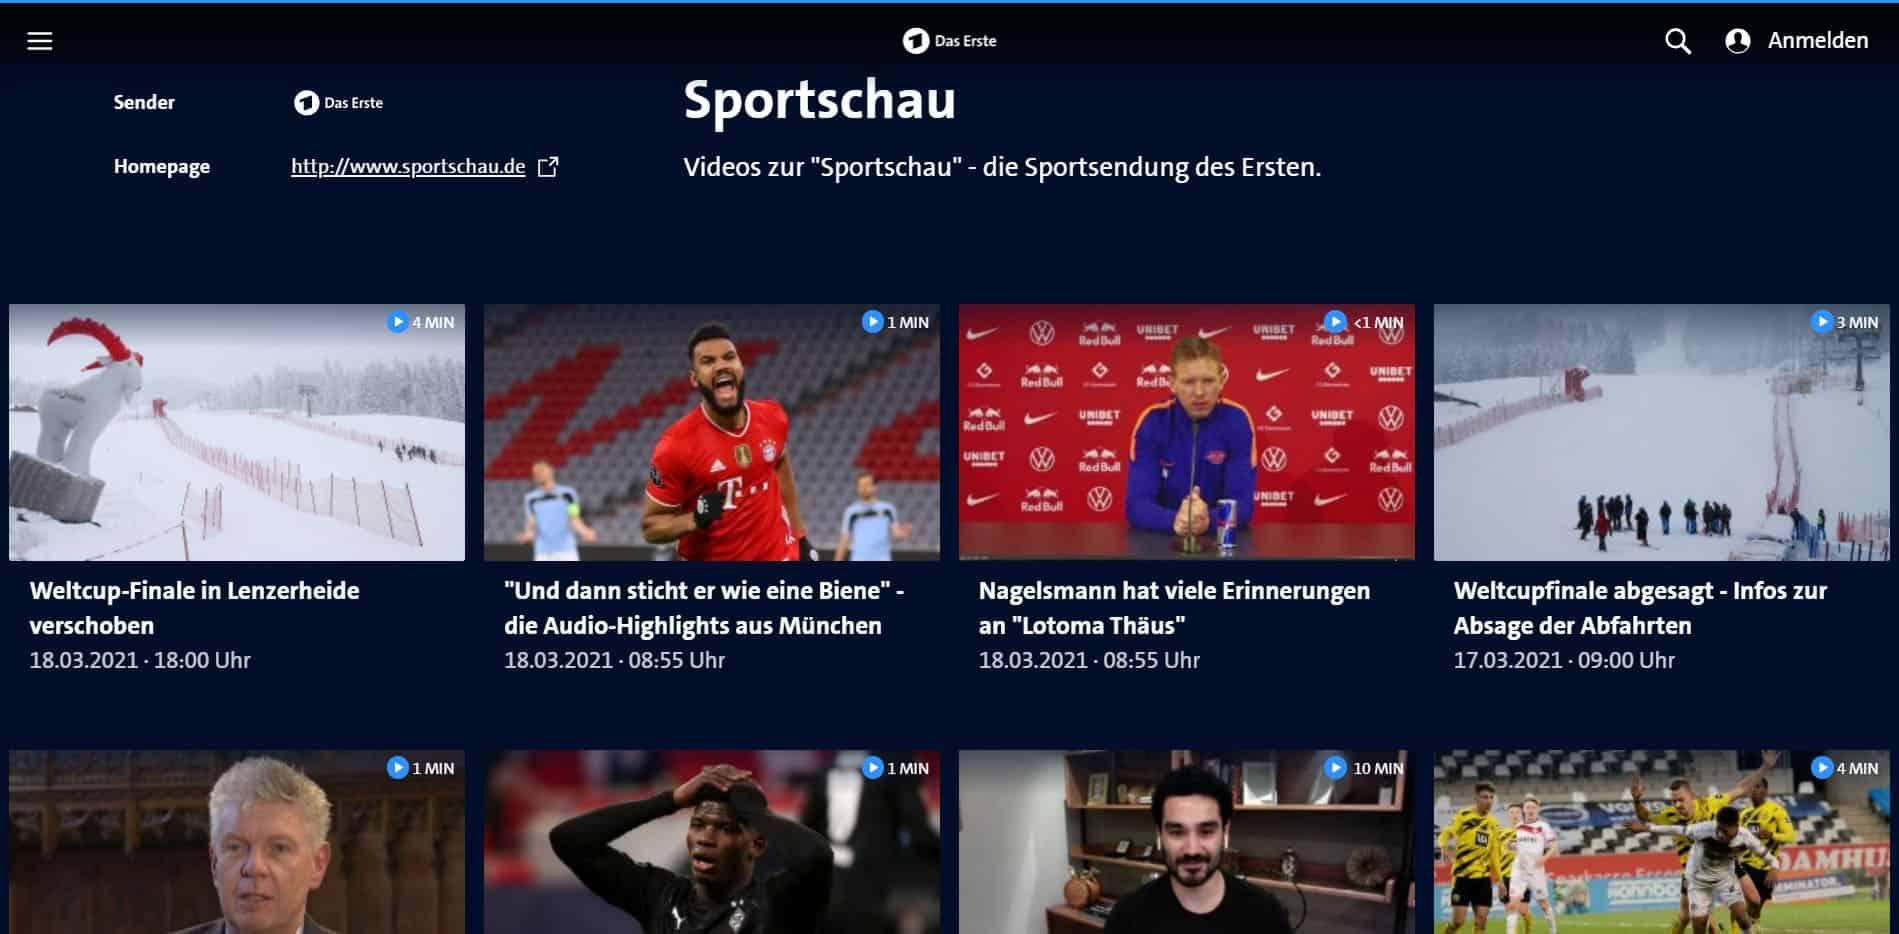 ARD Mediathek Sportschau Homeseite